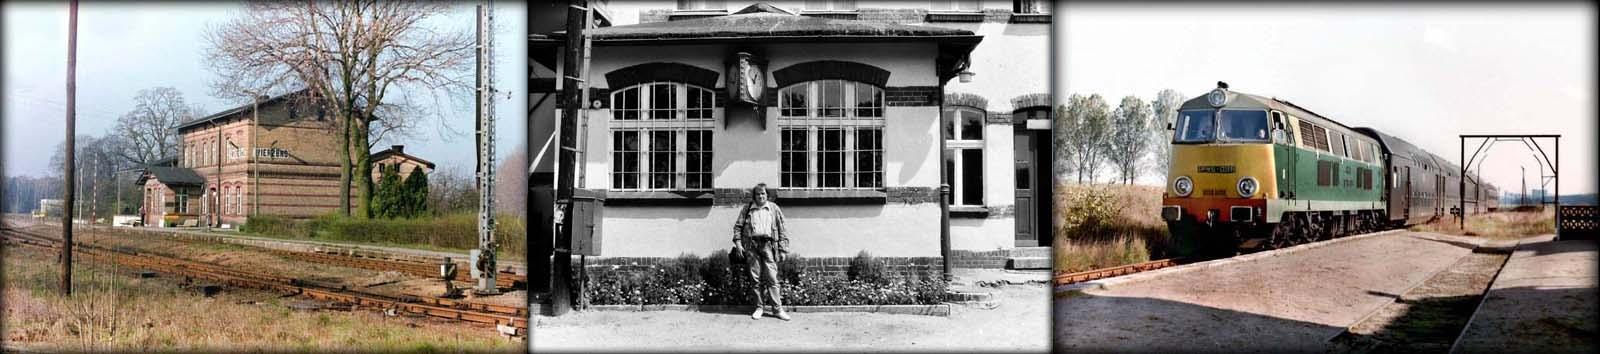 Wierzbno 05.05.2019, Deszczno 31.07.1990, Rokitno 09.10.1990. SP45-096 z Międzychodu do Gorzowa Wlkp.